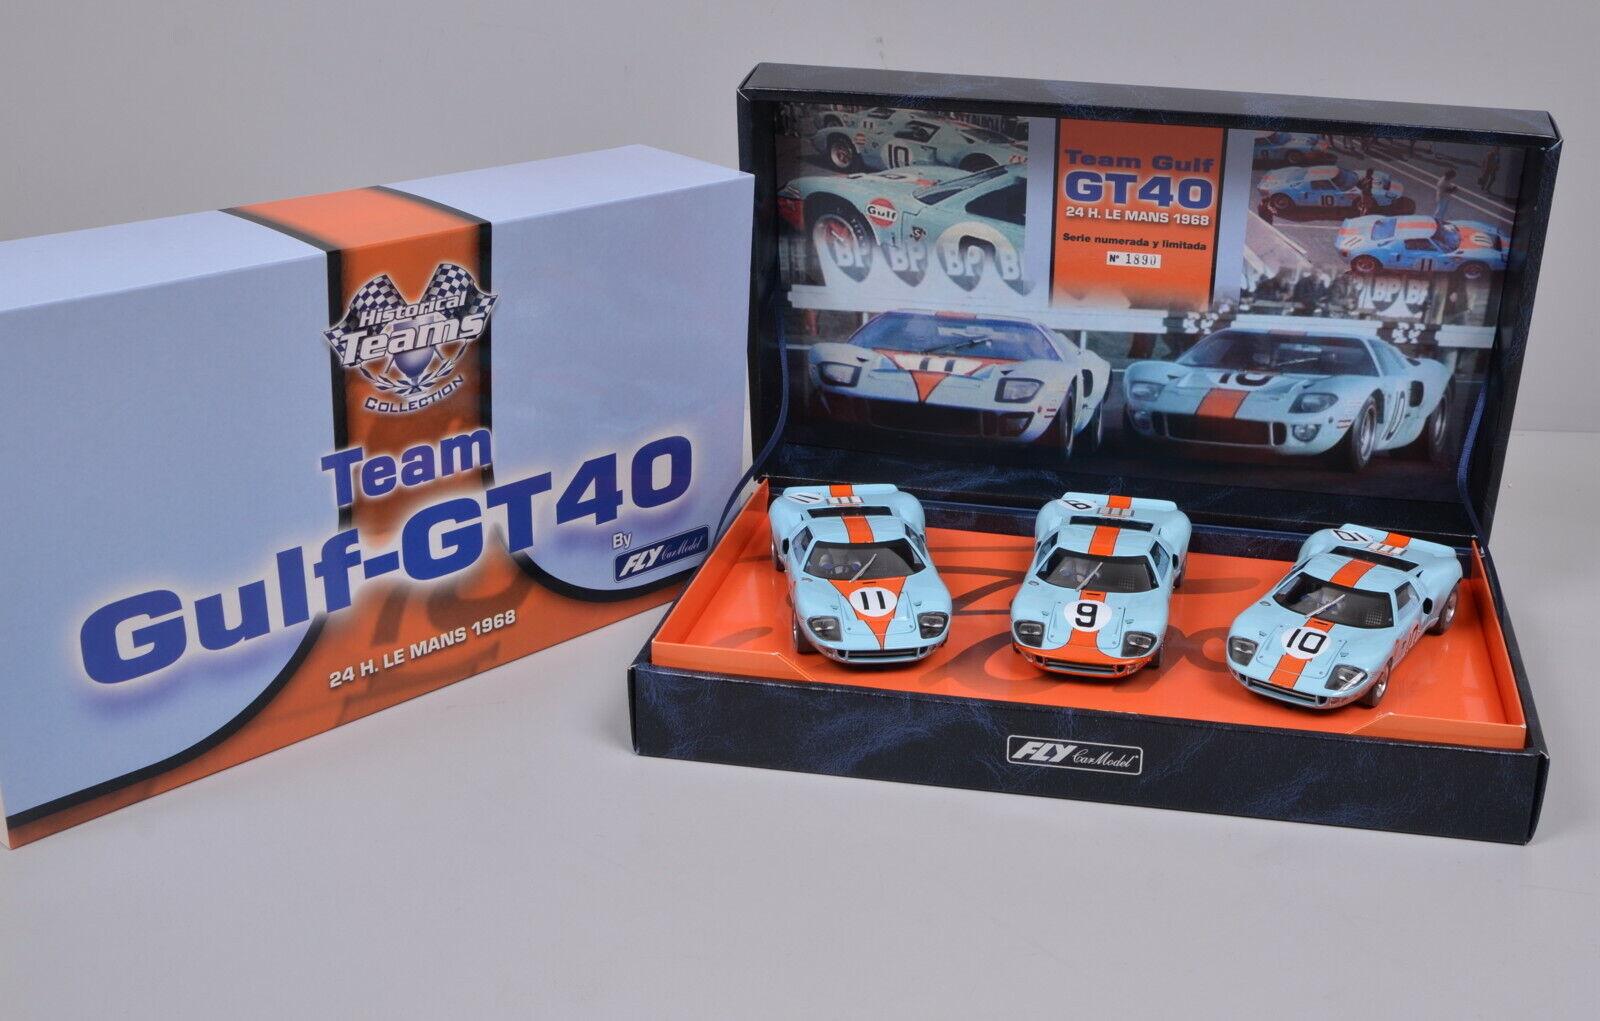 3 TLGフライ96016スロットカー歴史的なチームコレクションセット/ガルフgt 40 /未記録